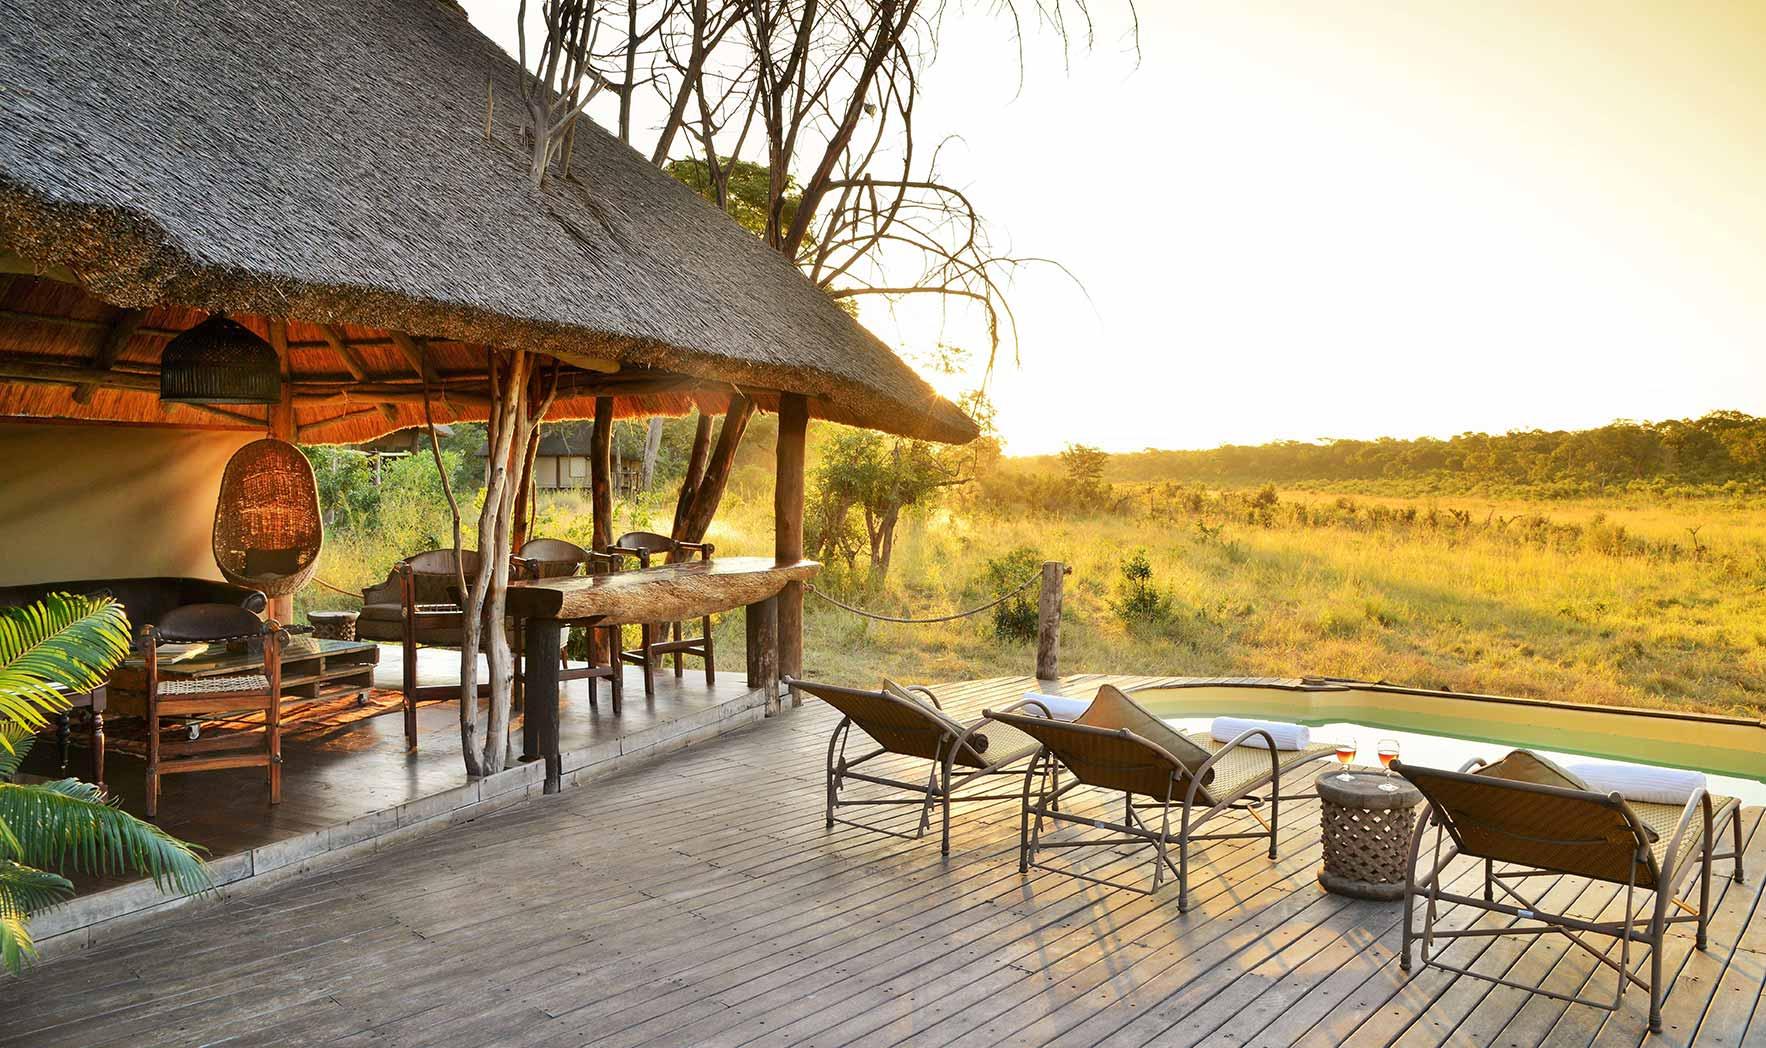 Khulu Bush Camp The Amalinda Safari Collection